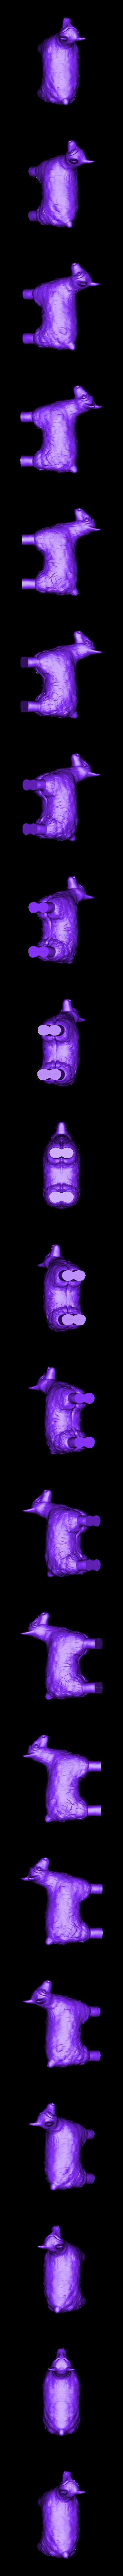 Sheep_(Modular Castle Playset - 3D-printable)_By_CreativeTools.se.stl Télécharger fichier STL gratuit Plateau modulaire de château (imprimable en 3D) • Modèle à imprimer en 3D, CreativeTools